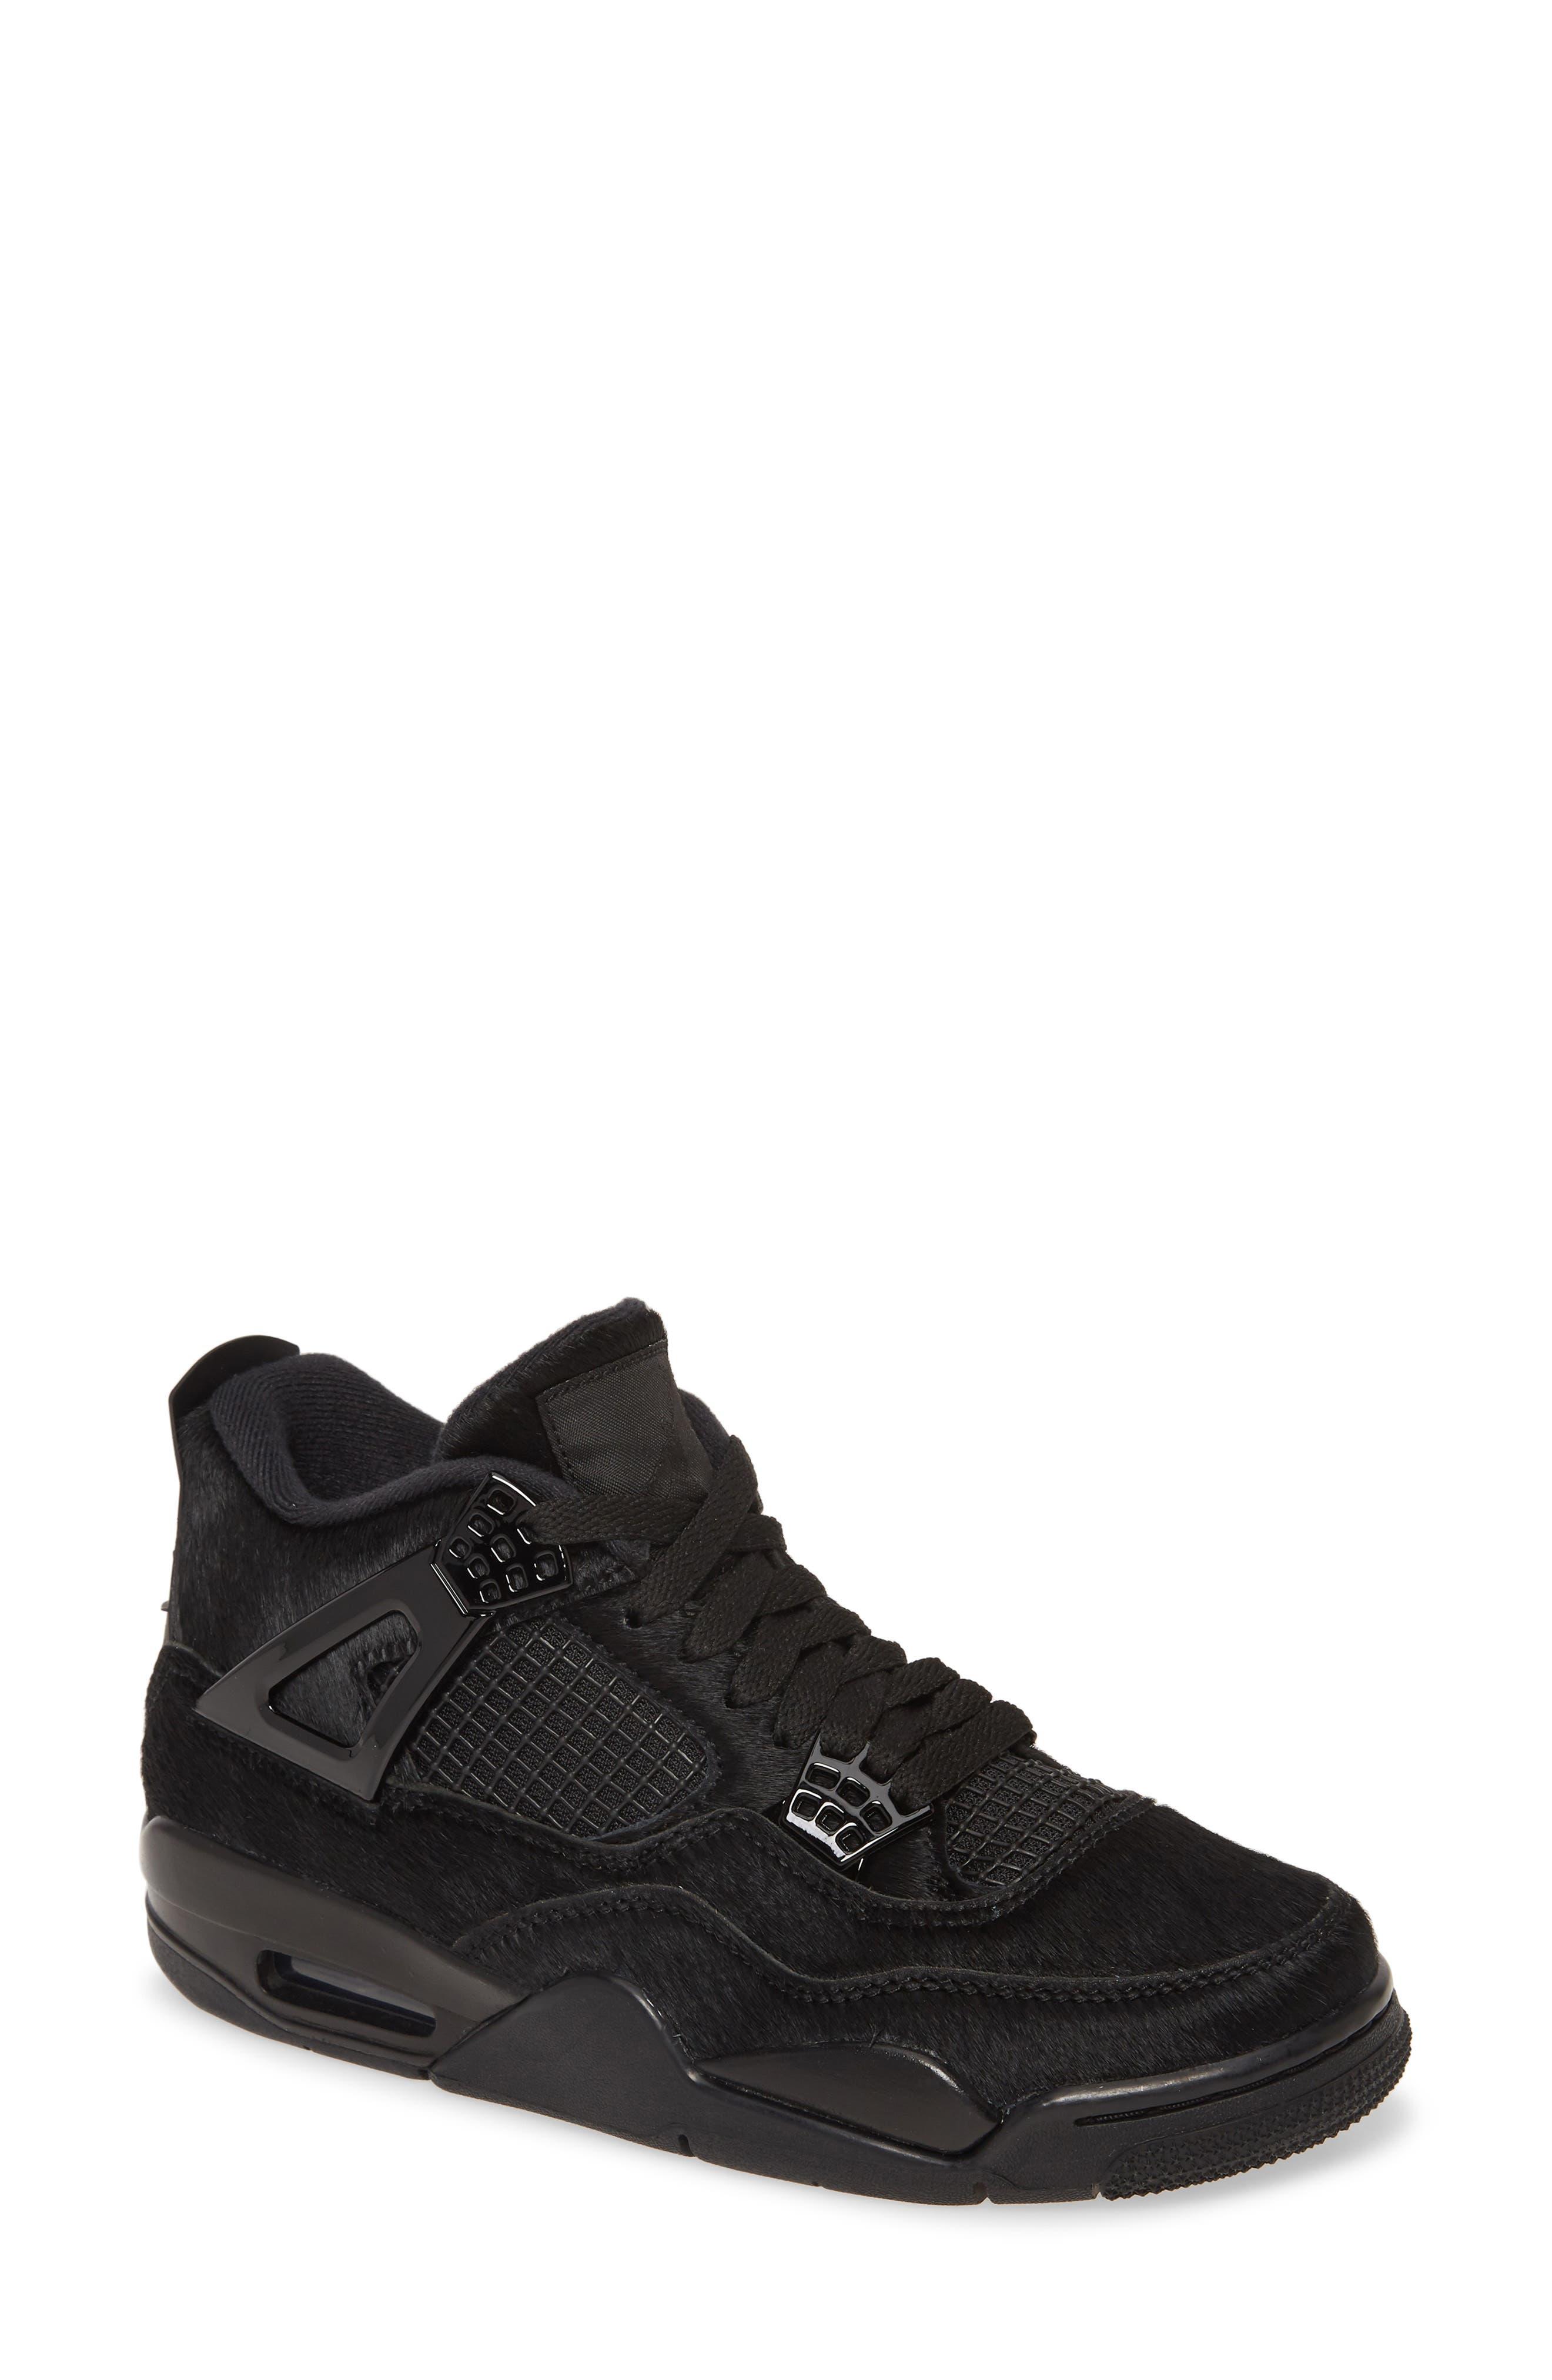 jordan sneakers 4